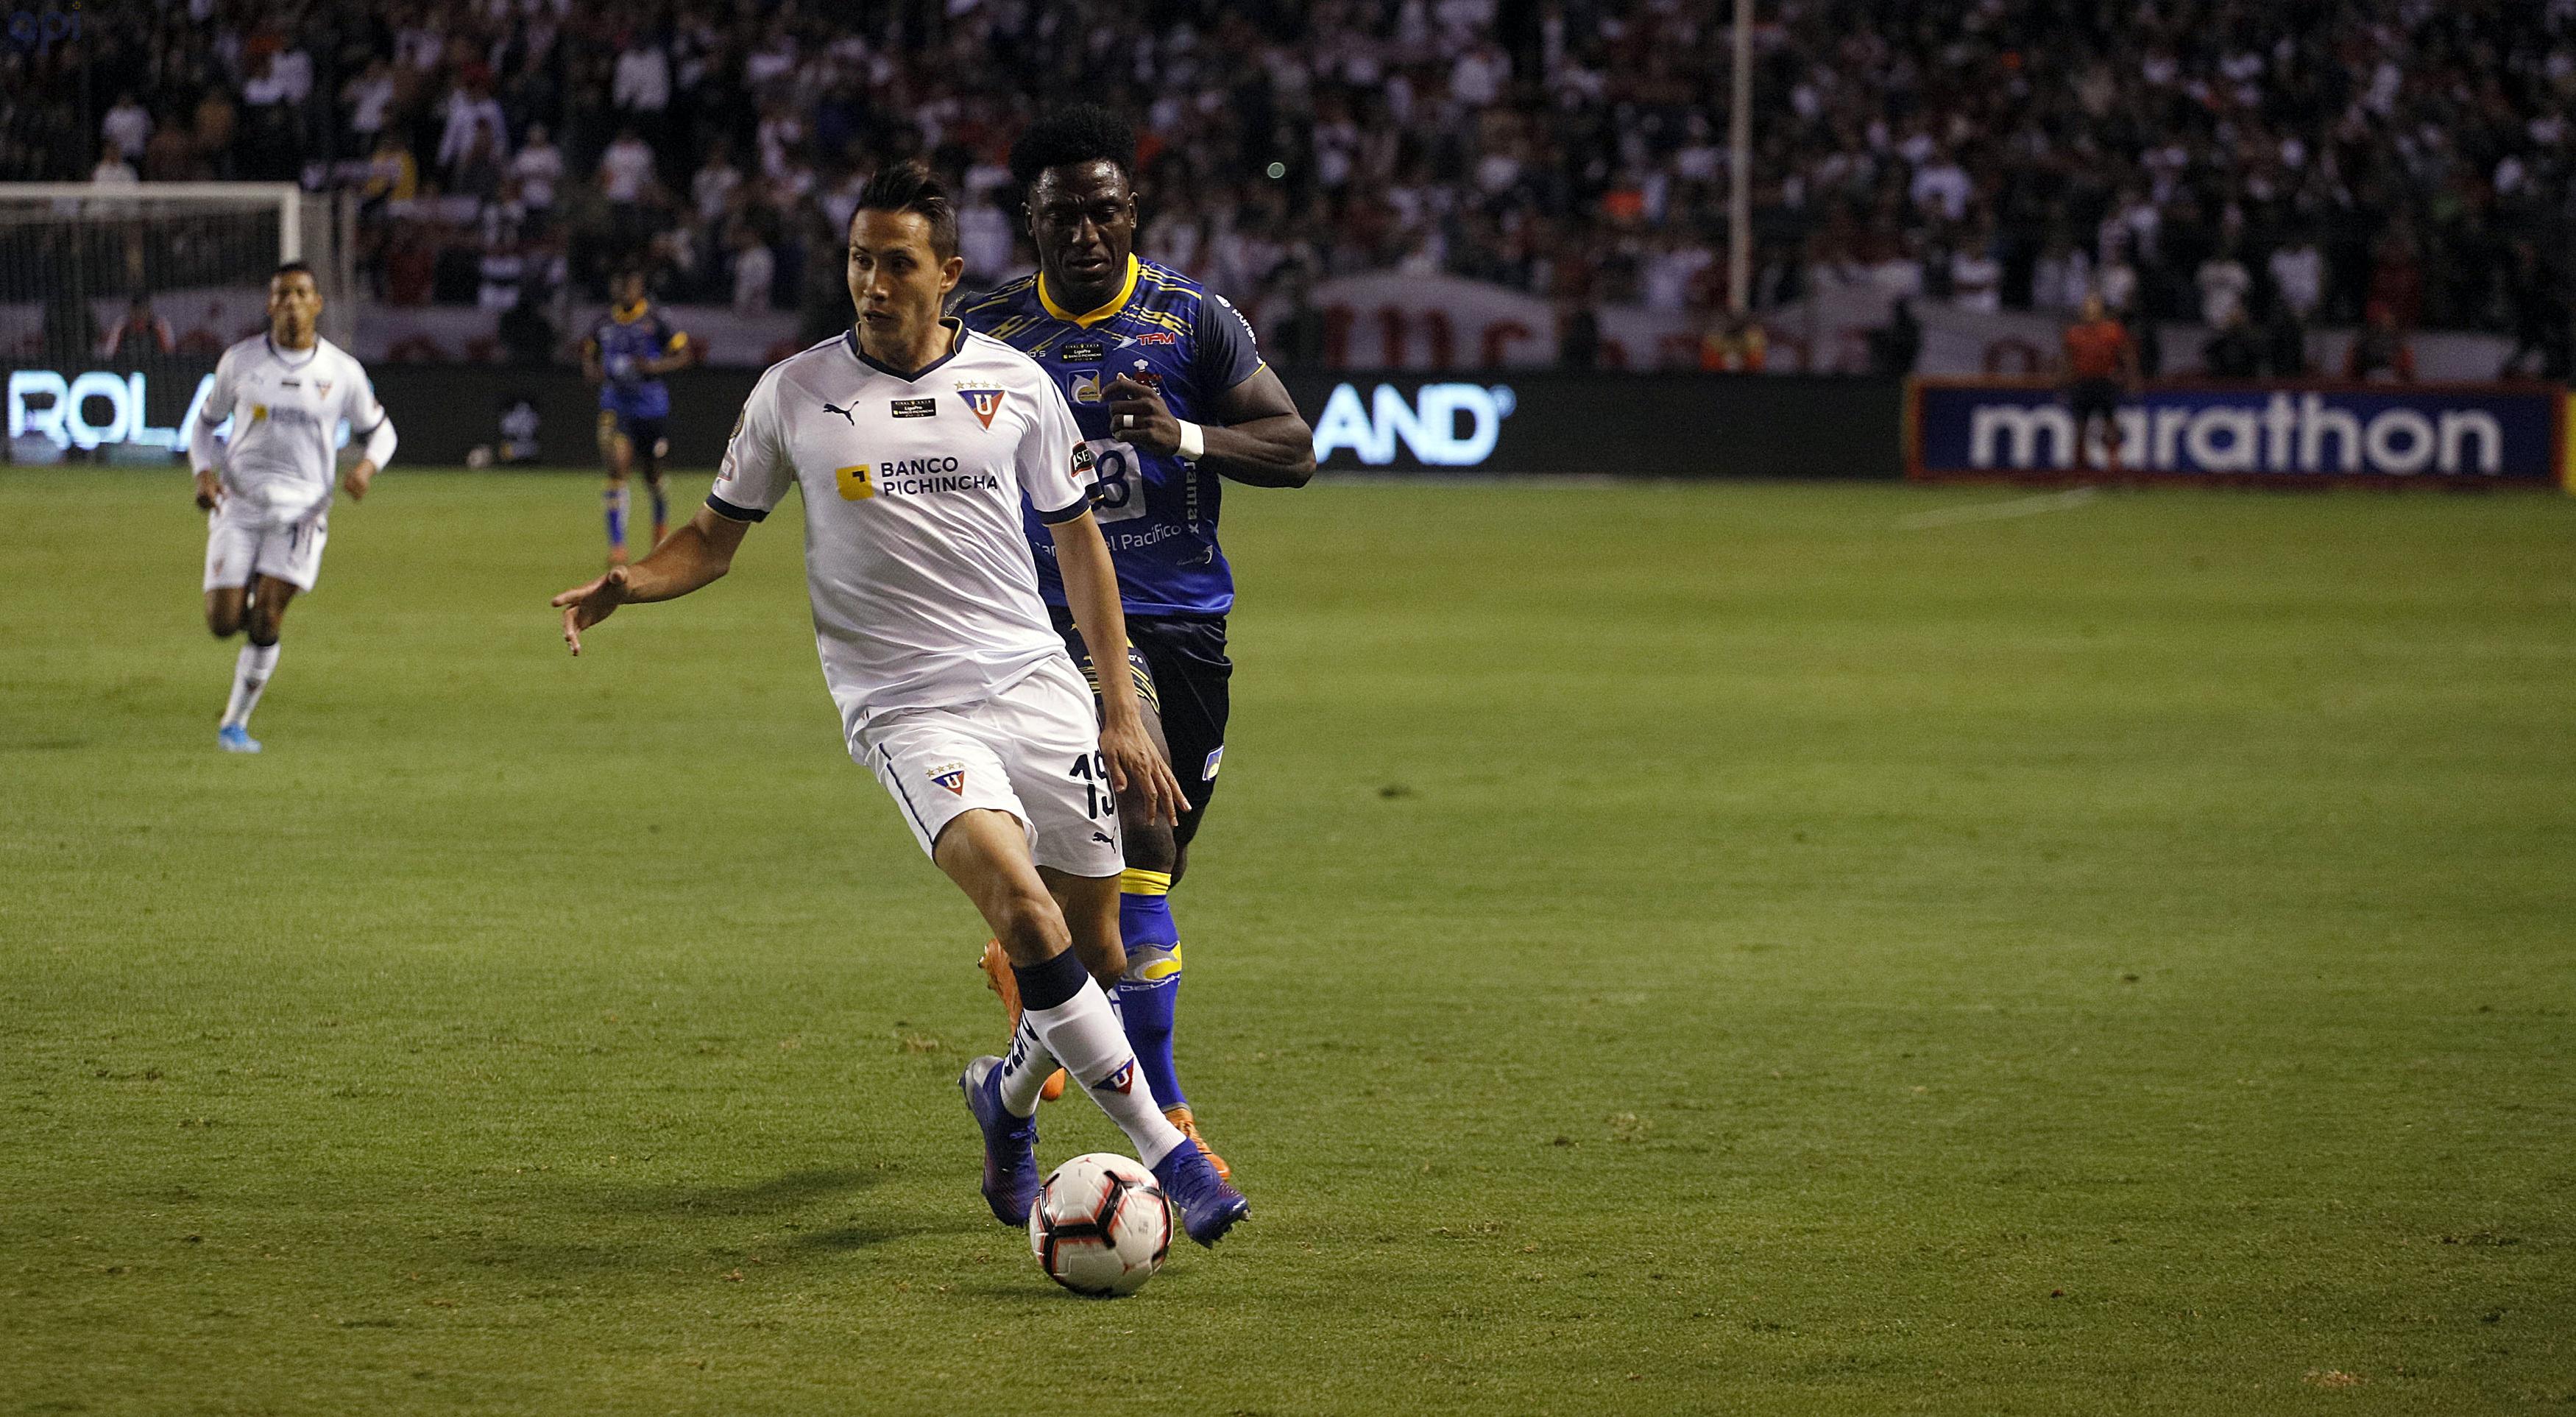 Franklin Guerra, defensa de Liga, está enfocado en lograr el título de la Supercopa Ecuador